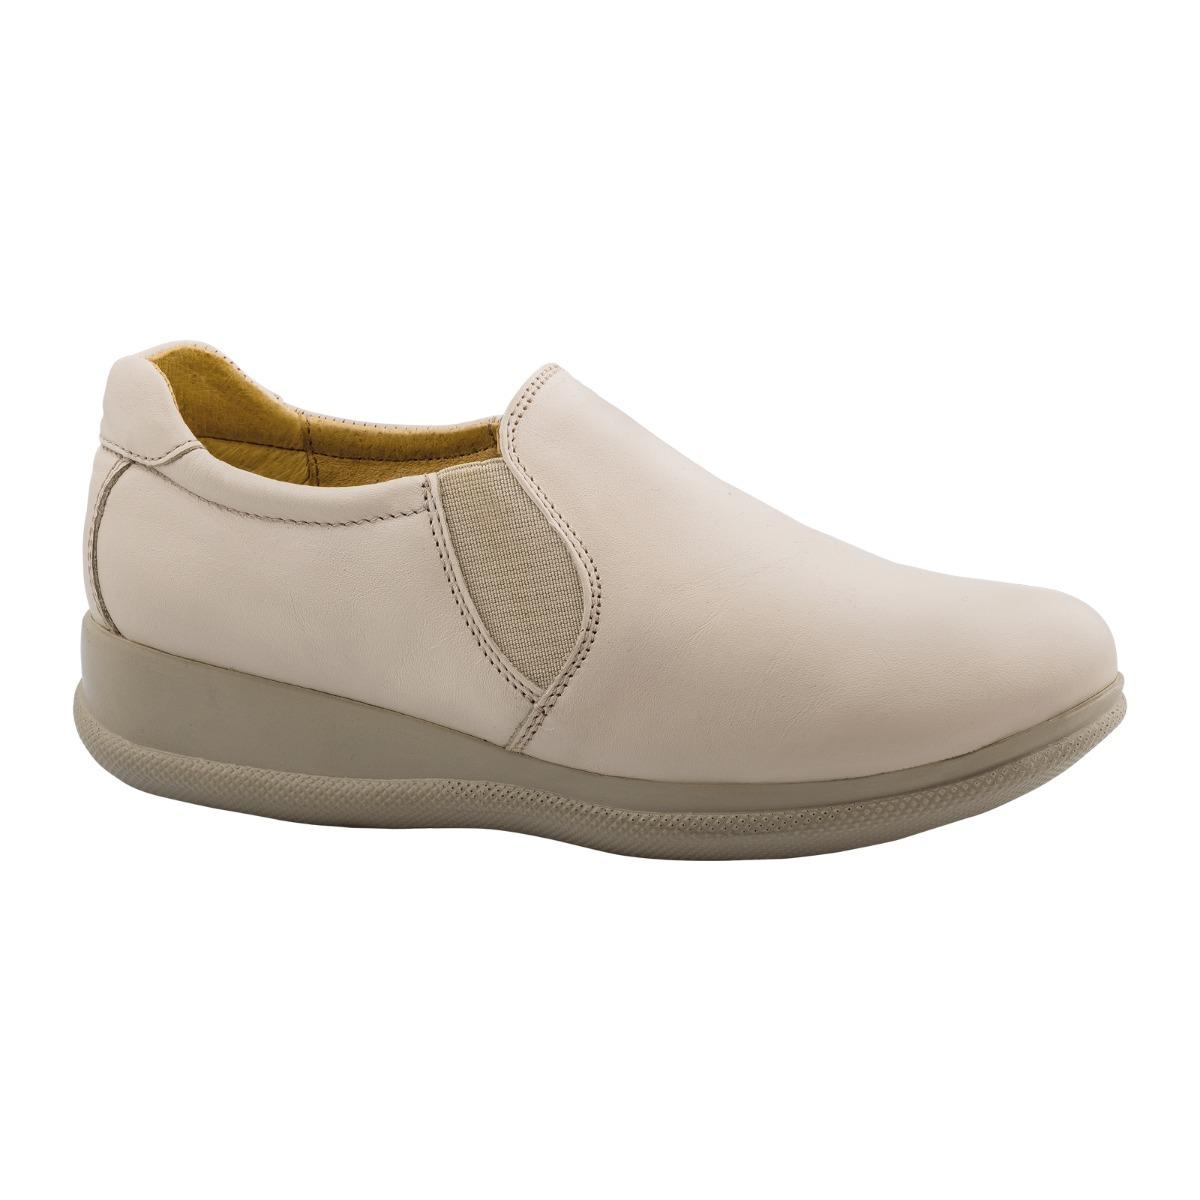 00 en Casual Zapatos Cerrado Piel Confort Ely 4810481 Cuña 549 TqwCwF b39a5ddae76